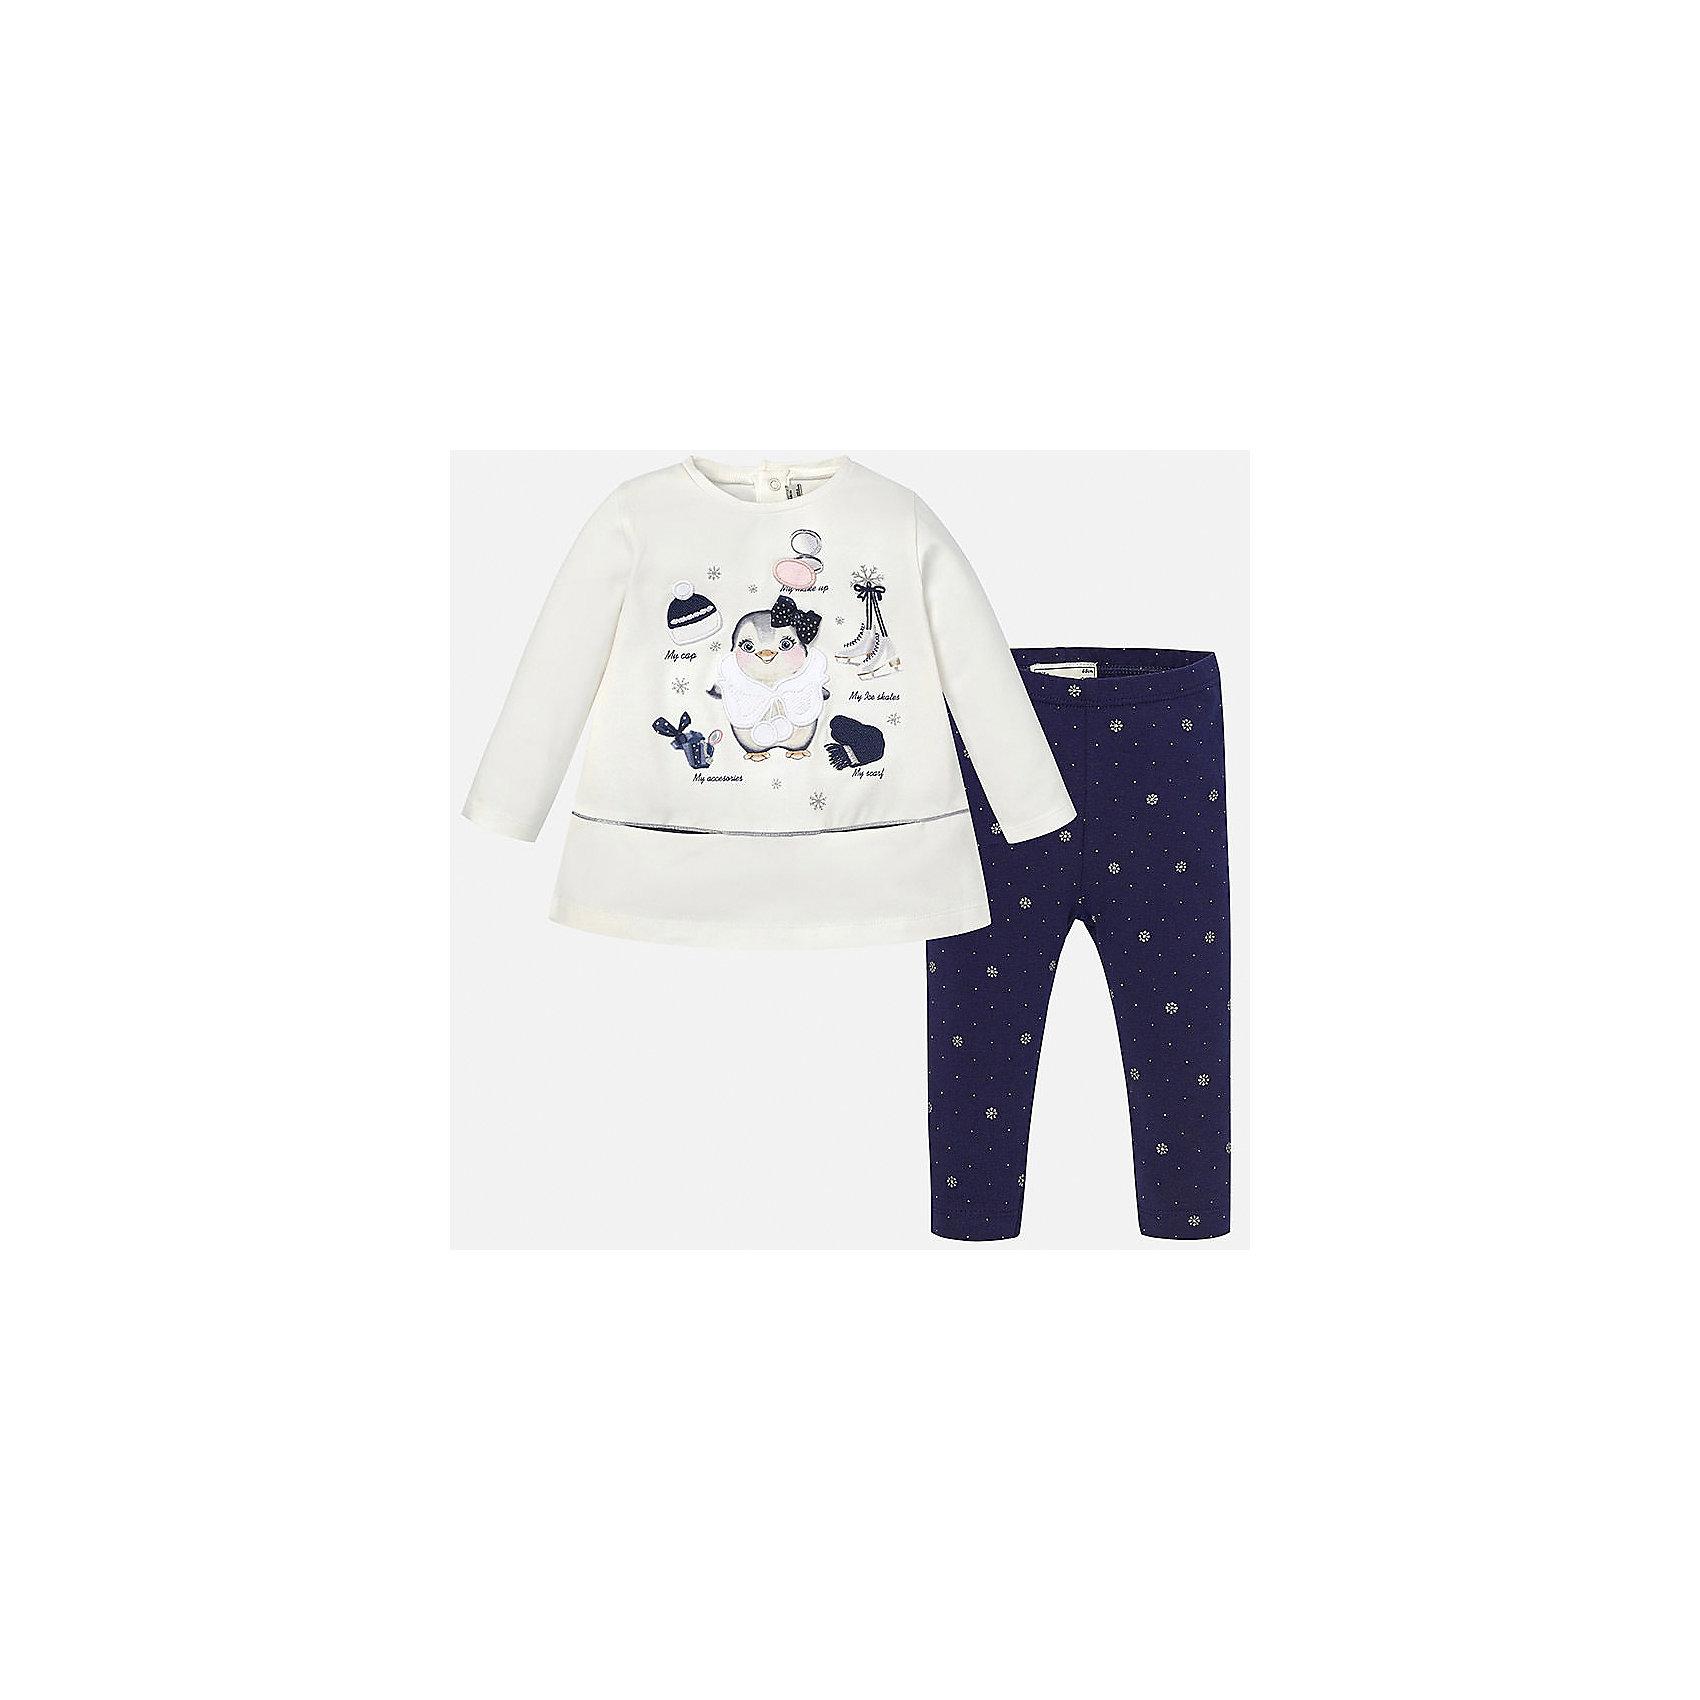 Комплект:футболка и леггинсы для девочки MayoralОчень красивый комплект от испанского Майорал-Mayoral доставит ребенку много приятных минут. Качественные ткани, безупречное исполнение. Данная модель в центре модных тенденции. Комплект состоит из модной футболки с длинными рукавами и практичных леггинсов темно-синего цвета. Мягкий лонгслив украшен изображением милого пингвинчика зимой. Эластичные леггинсы украшены маленкими снежинками и точками, дополнены удобной широкой резинкой на поясе. Займет достойное место в гардеробе Вашей девочки.<br><br>Дополнительная информация:<br><br>- вид застежки: без застежки <br>- цвет: синий, белый<br>- тип карманов: втачные <br>- параметры брючин: ширина брючин – низ: 9 см; по внутреннему шву ; 21 см<br>- фактура материала: текстильный<br>- покрой: прямой<br>- состав: 92% хлопка; 8% эластан<br>- длина  изделия: верх 38 см. низ 31 см<br>- уход за вещами: бережная стирка при 30 градусах<br>- рисунок: с  рисунком<br>- материал: трикотаж<br>- назначение: повседневная<br>- сезон: круглогодичный<br>- пол: девочки<br>- страна бренда: Испания<br>- страна производитель:  Индия<br>- комплектация: лонгслив, леггинсы <br><br>комплект торговой марки  Майорал-Mayoral можно купить в нашем интернет магазине.<br><br>Ширина мм: 123<br>Глубина мм: 10<br>Высота мм: 149<br>Вес г: 209<br>Цвет: синий<br>Возраст от месяцев: 6<br>Возраст до месяцев: 9<br>Пол: Женский<br>Возраст: Детский<br>Размер: 74,92,80,86<br>SKU: 4846149